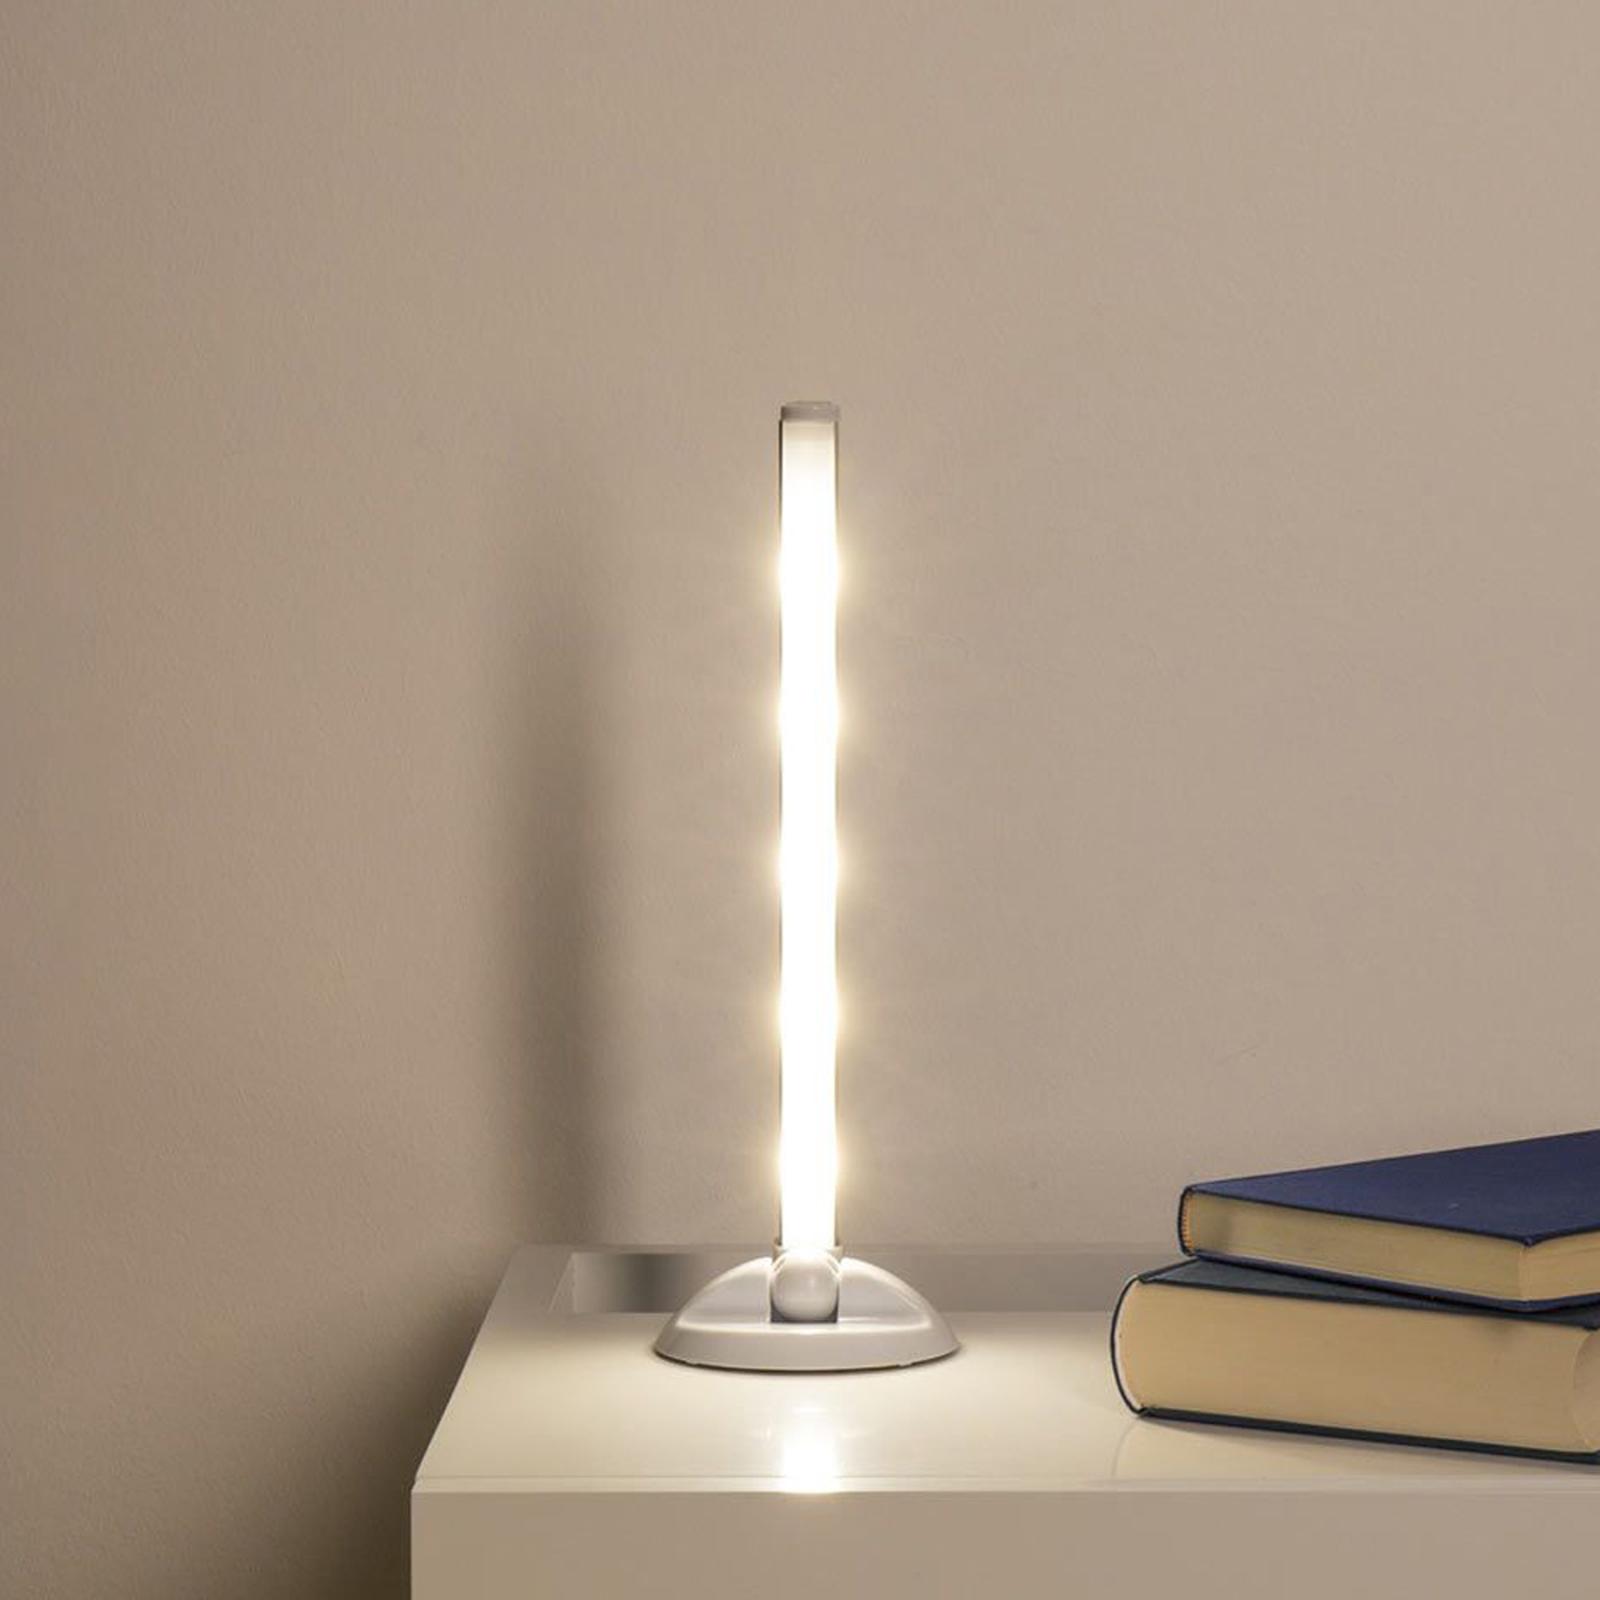 LED-Lightstick na baterie, ściemniacz 2-stopniowy